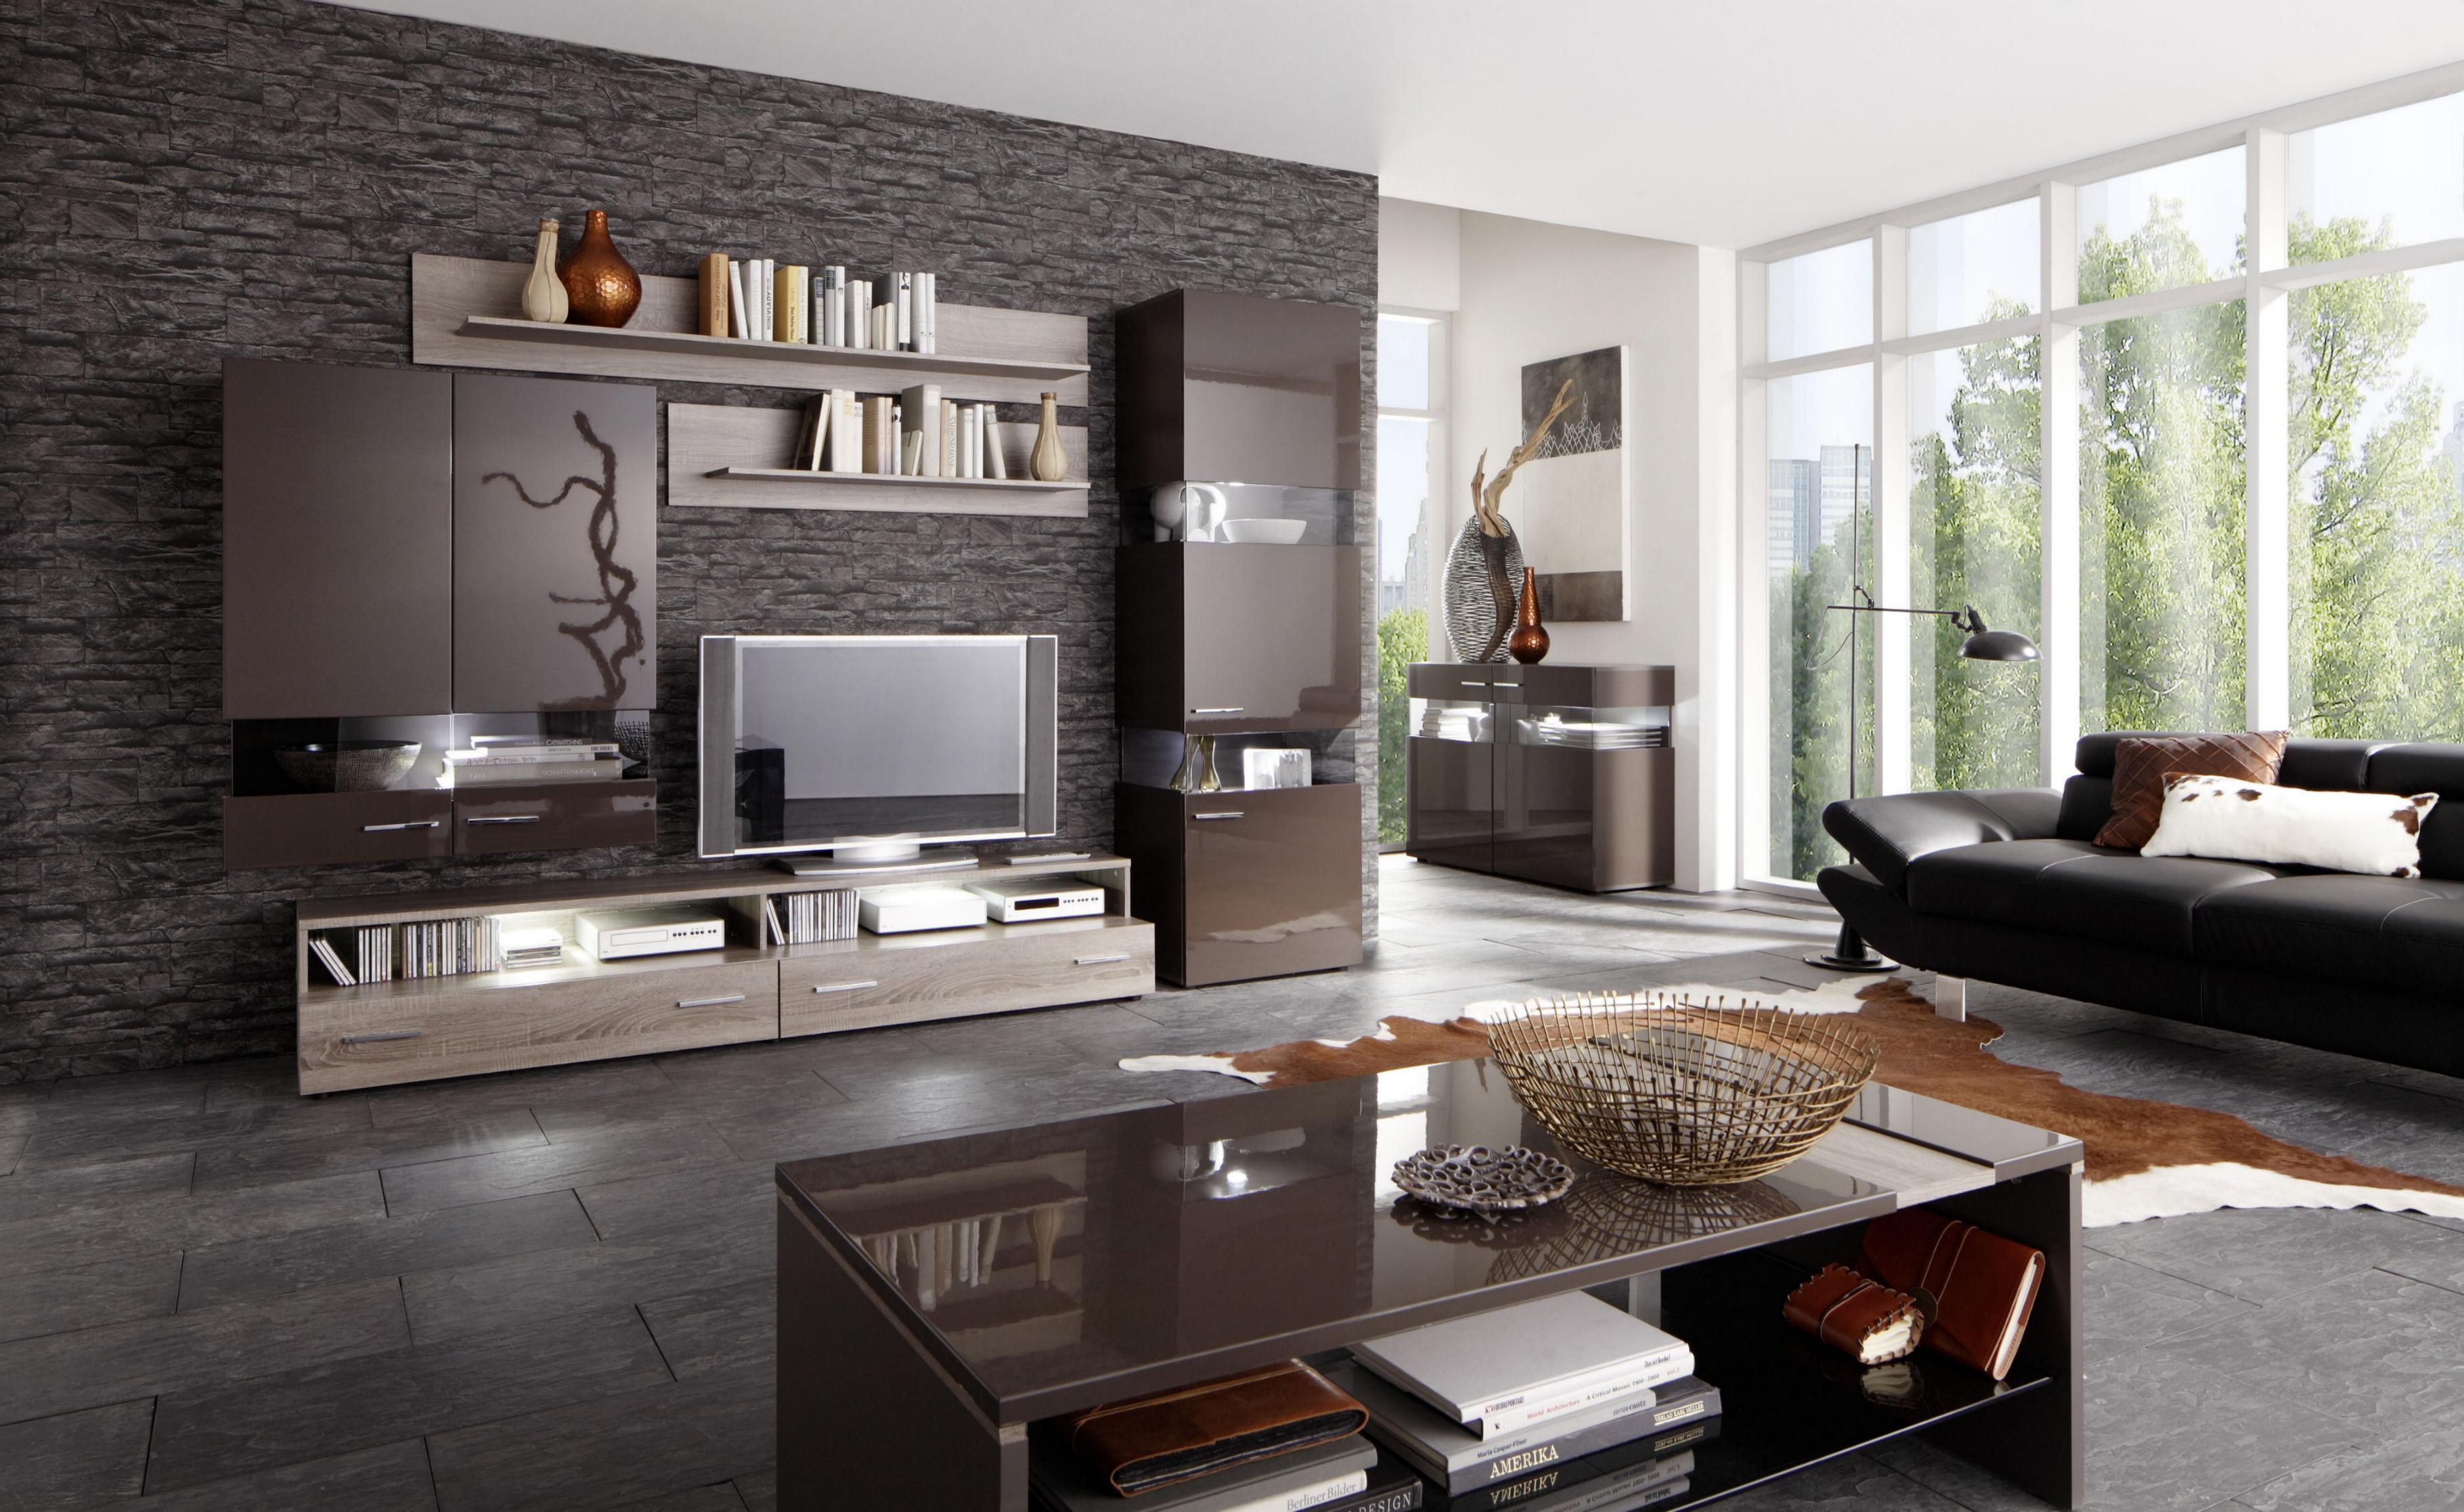 Wohnzimmer Braun Weiss Interessant On Innerhalb Best Schwarz Weis Ideas House Design 8